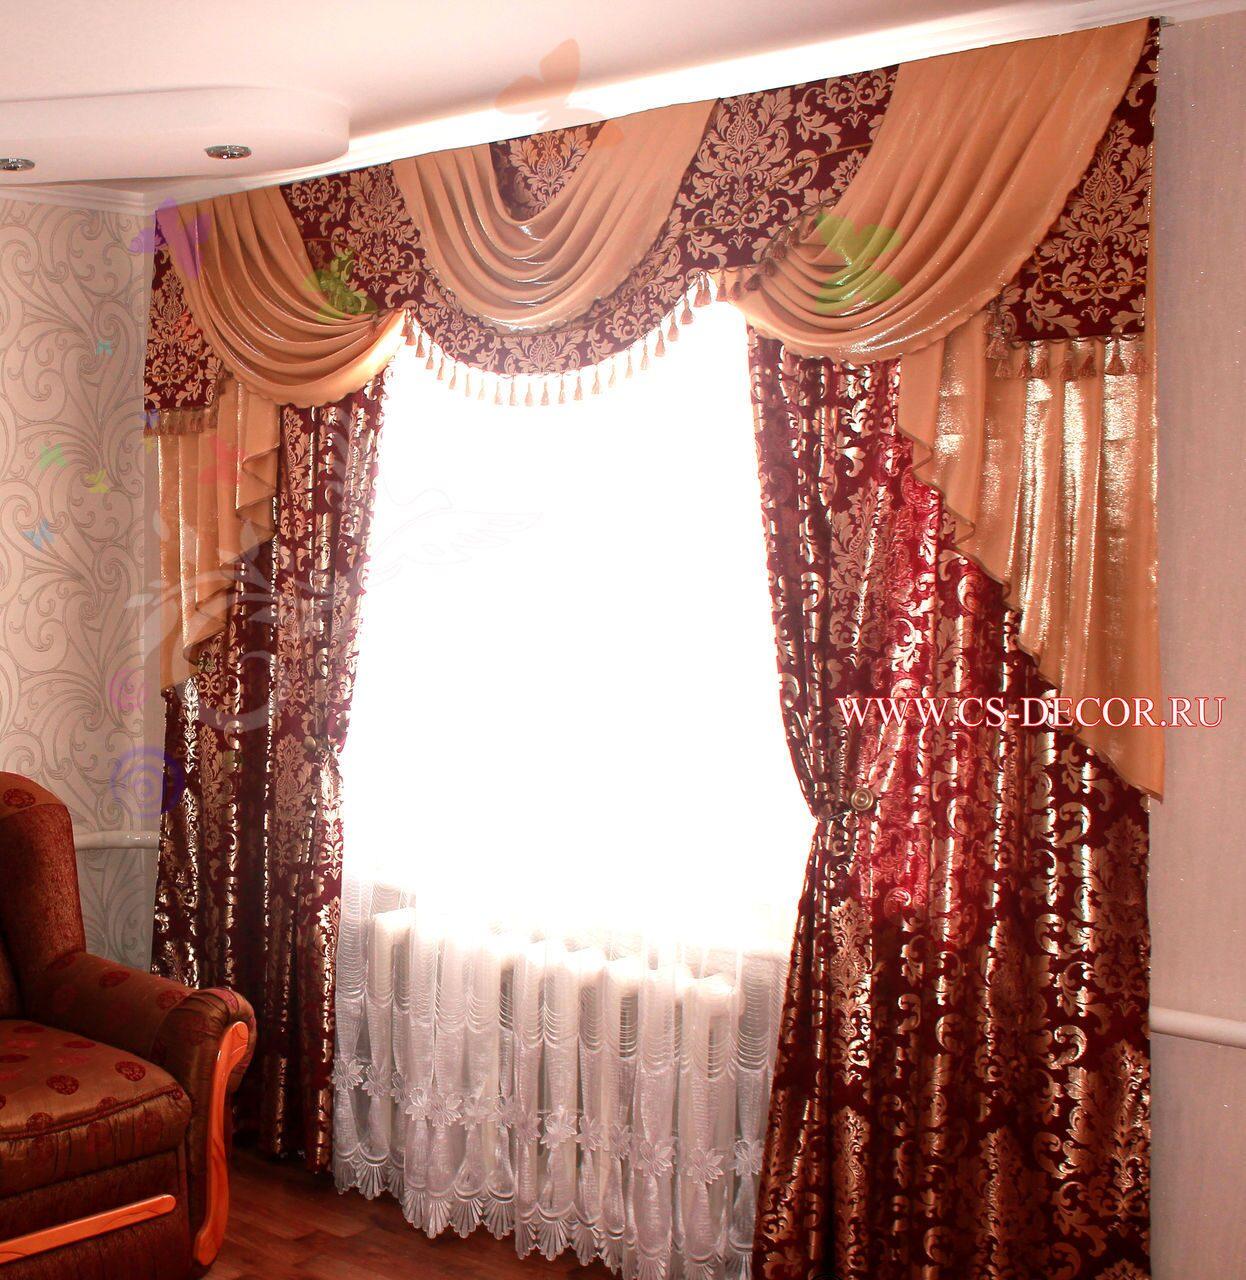 Дизайн ламбрекенов и штор